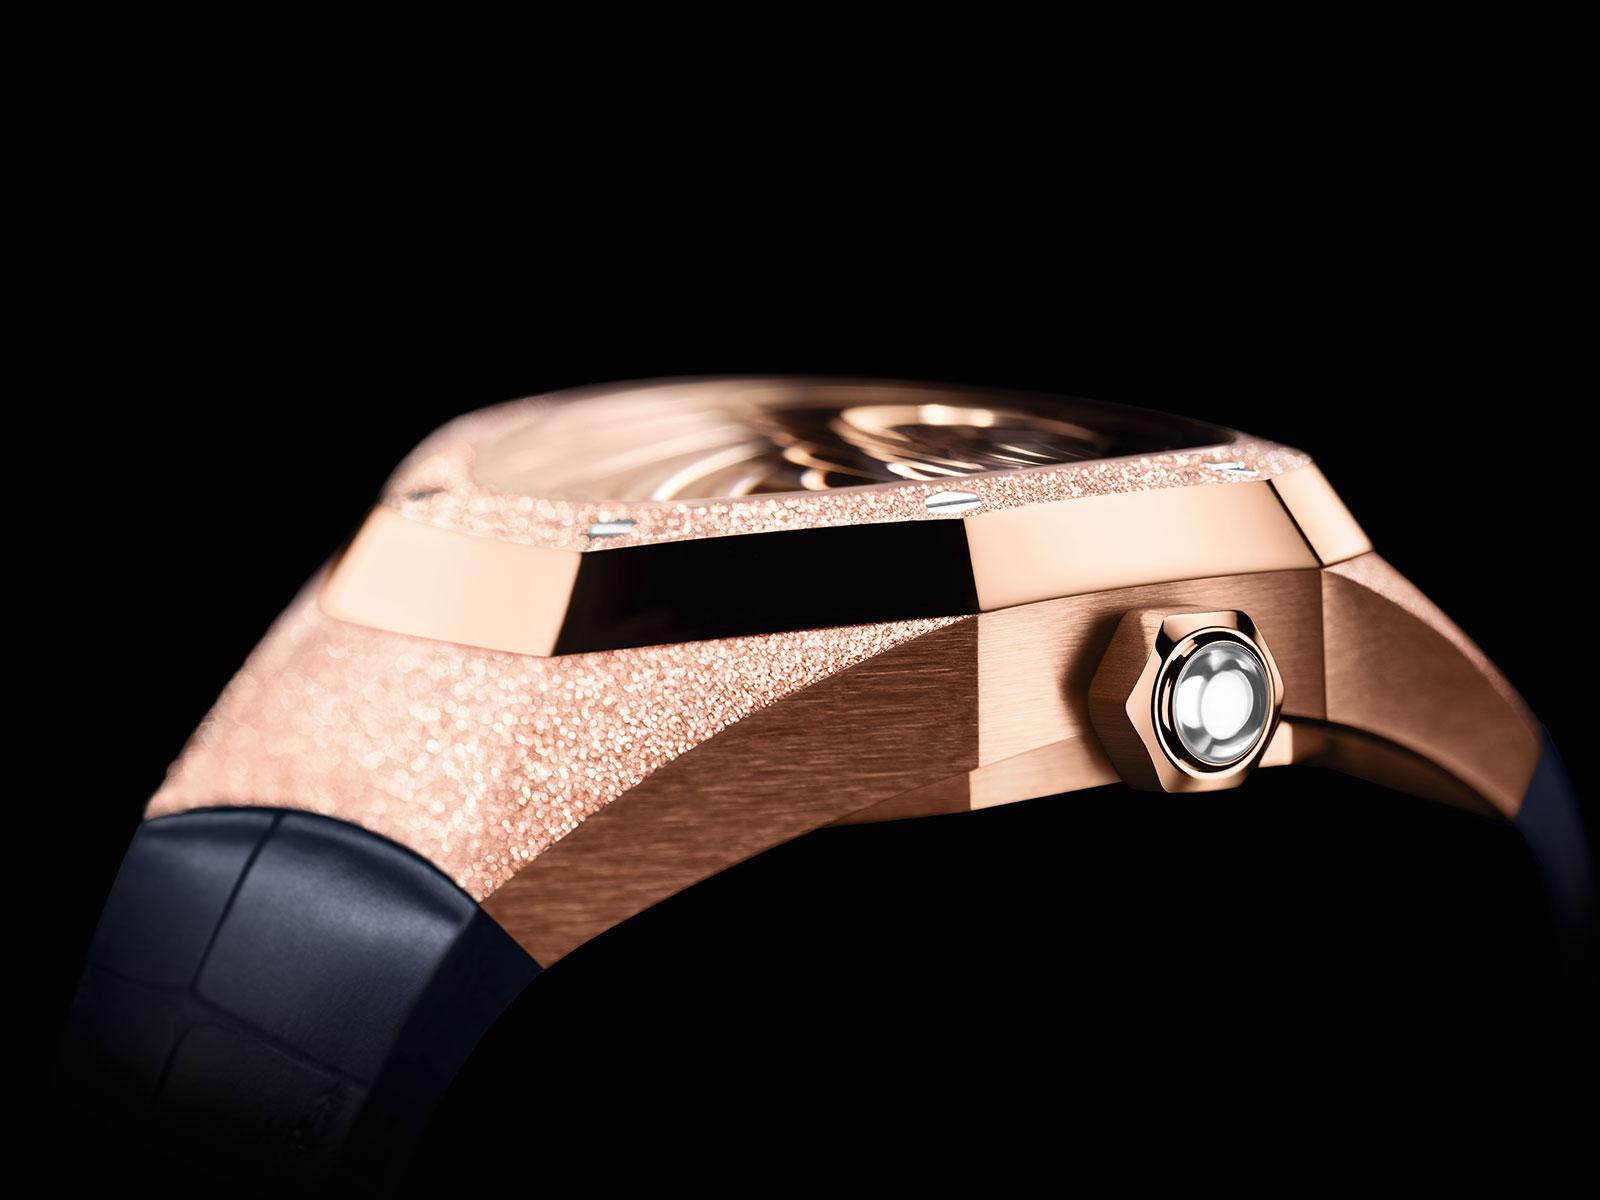 https://watchesbysjx.com/wp-content/uploads/2020/08/audemars-piguet-Royal-Oak-Concept-Frosted-Gold-Flying-Tourbillon-5.jpg